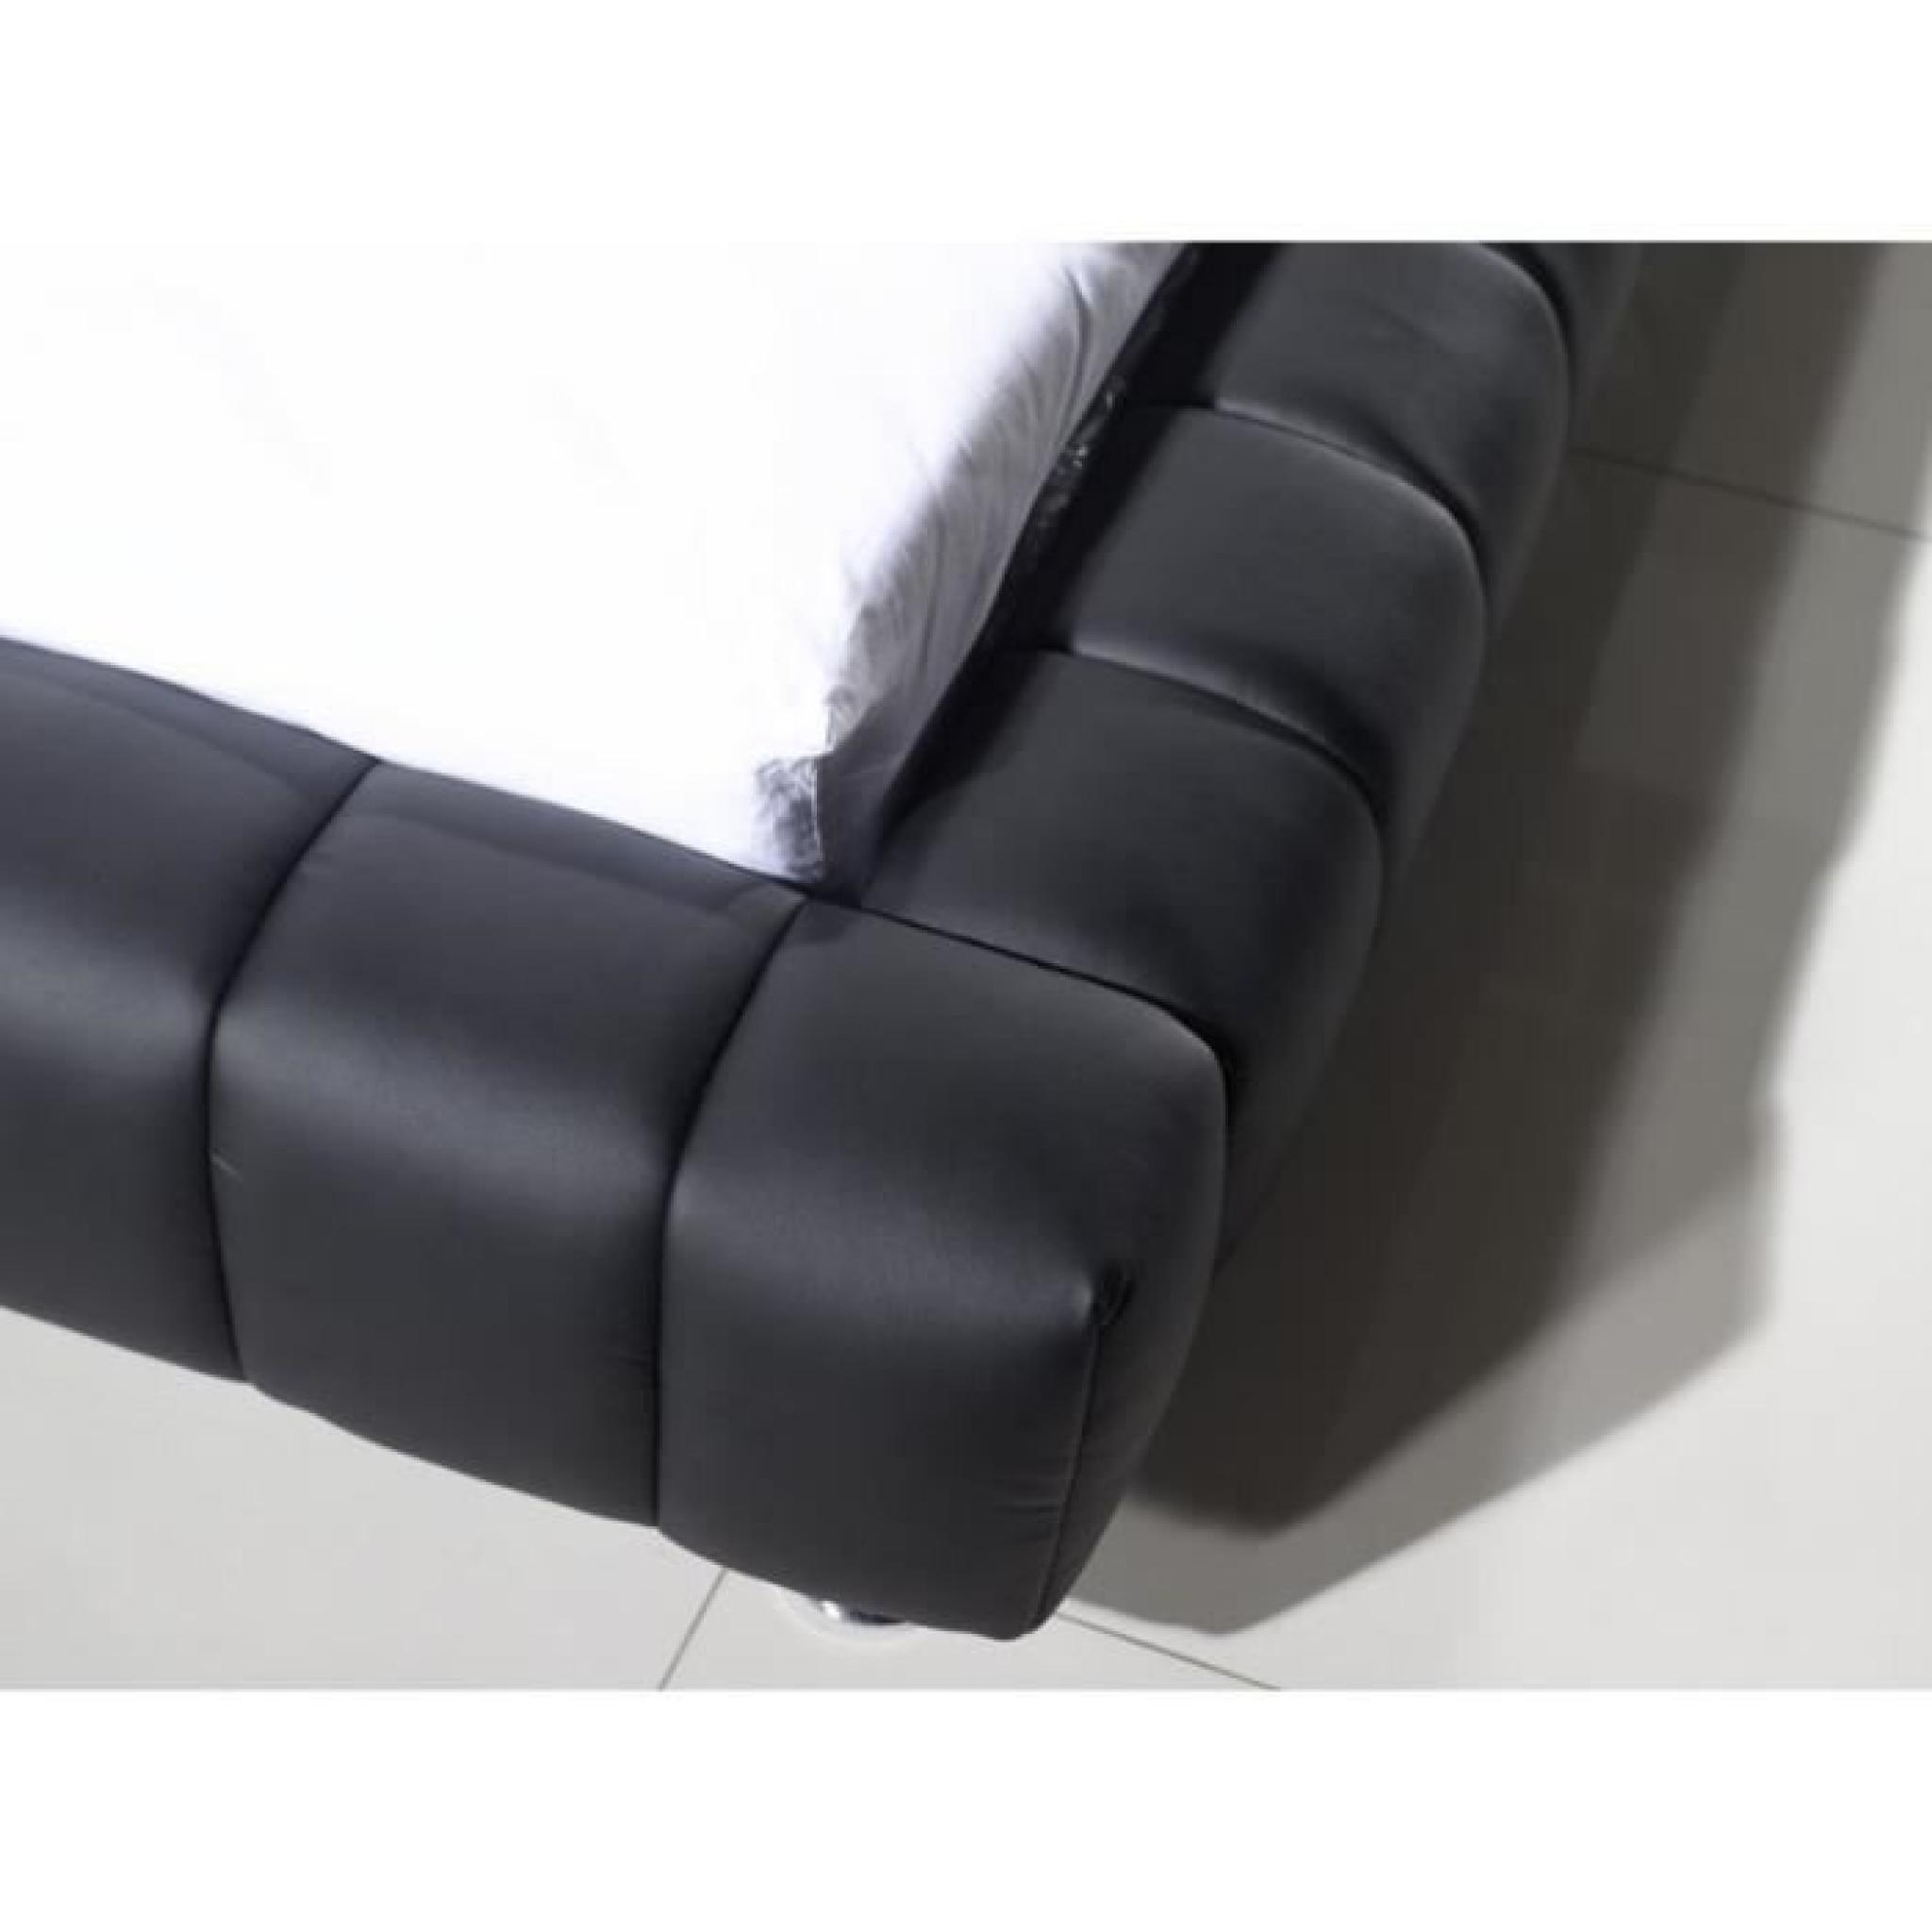 justhome brooklyn noir lit rembourr en cuir cologique taille 160 x 200 cm achat vente lit. Black Bedroom Furniture Sets. Home Design Ideas